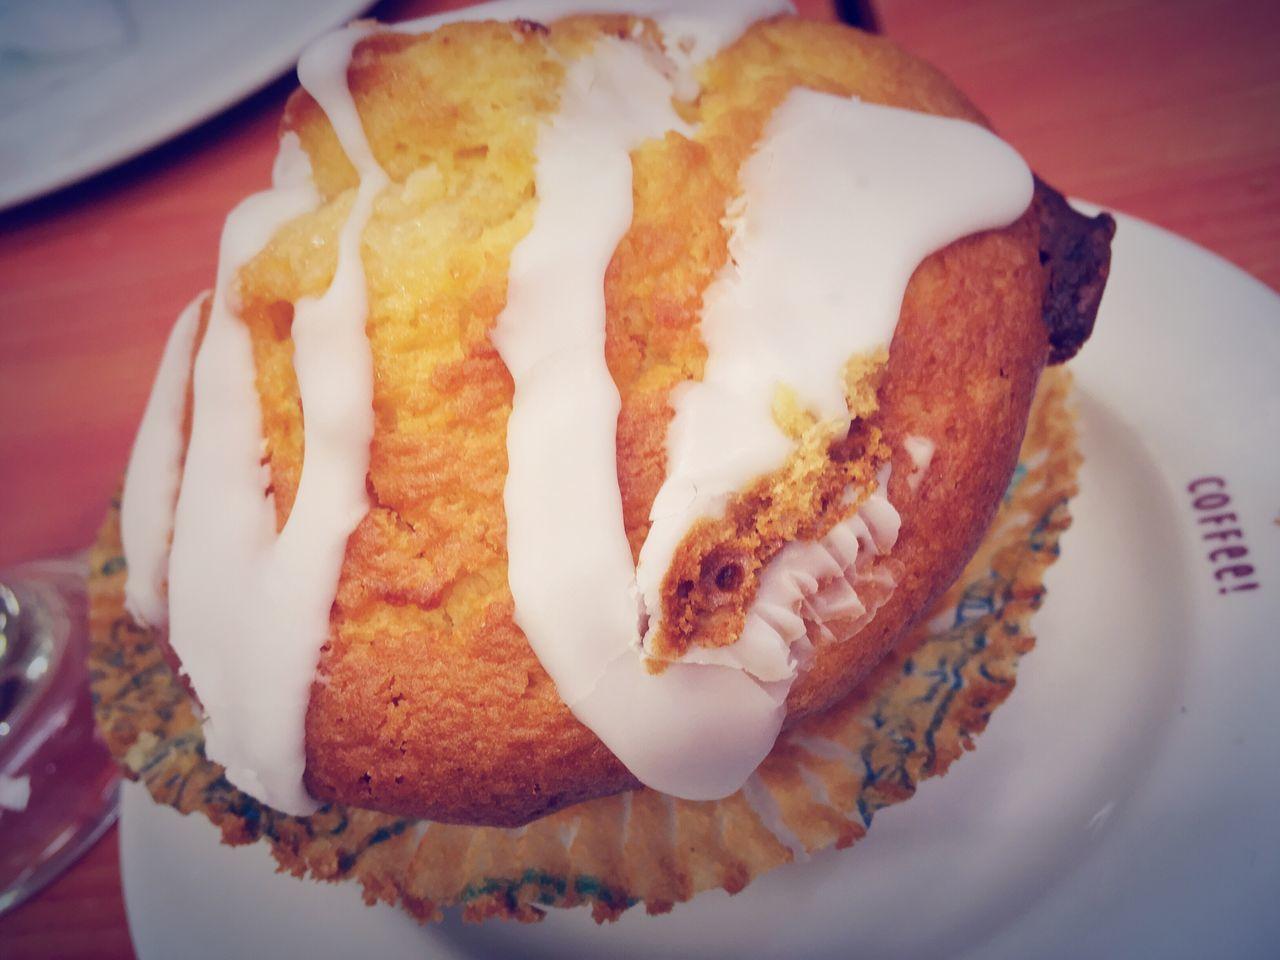 Ryan Garden Photography Cupcakes Fairycakes Food